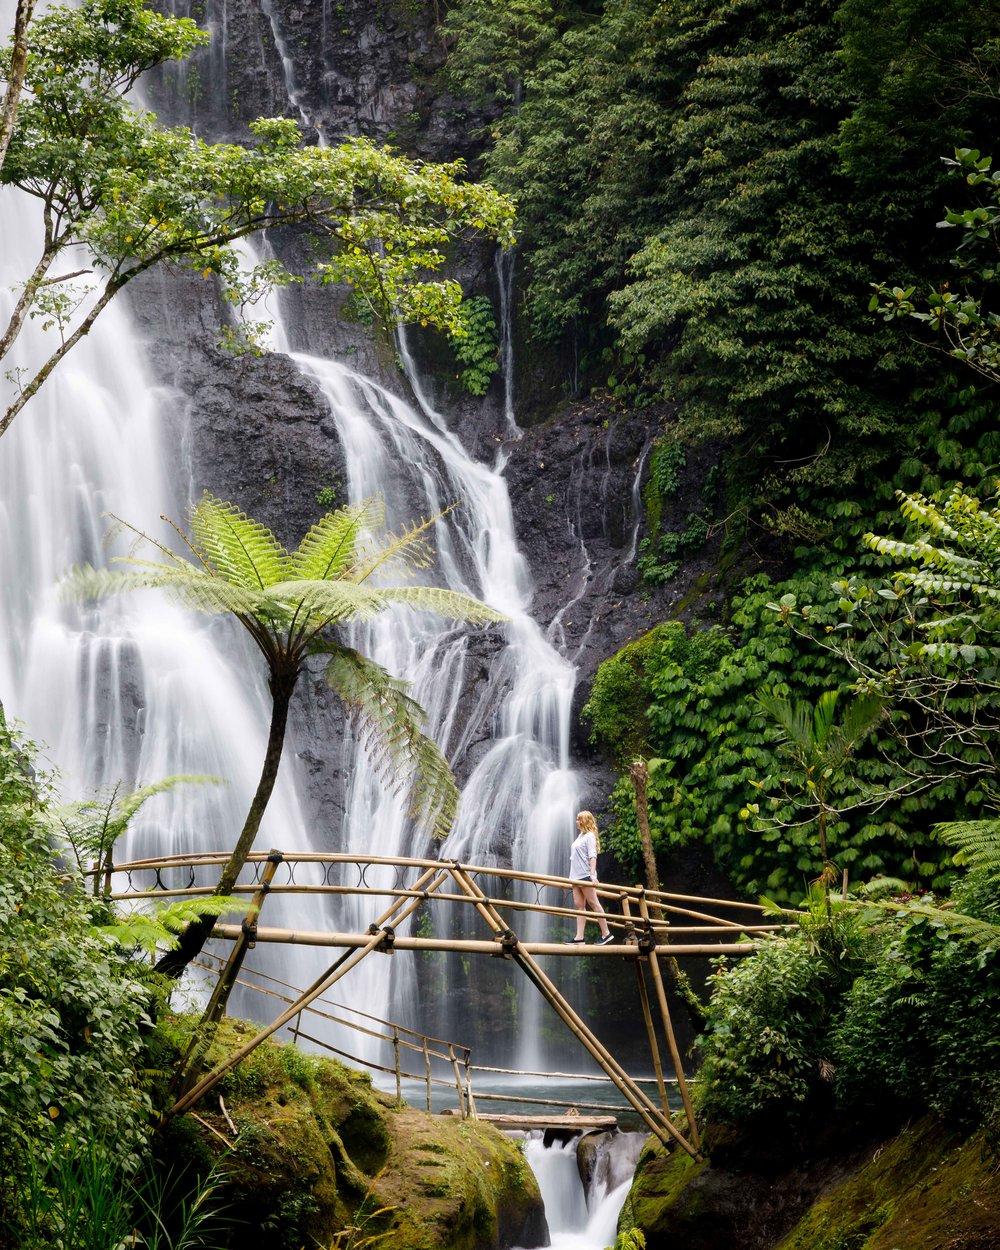 Best waterfalls in Bali: Banyumala Waterfall